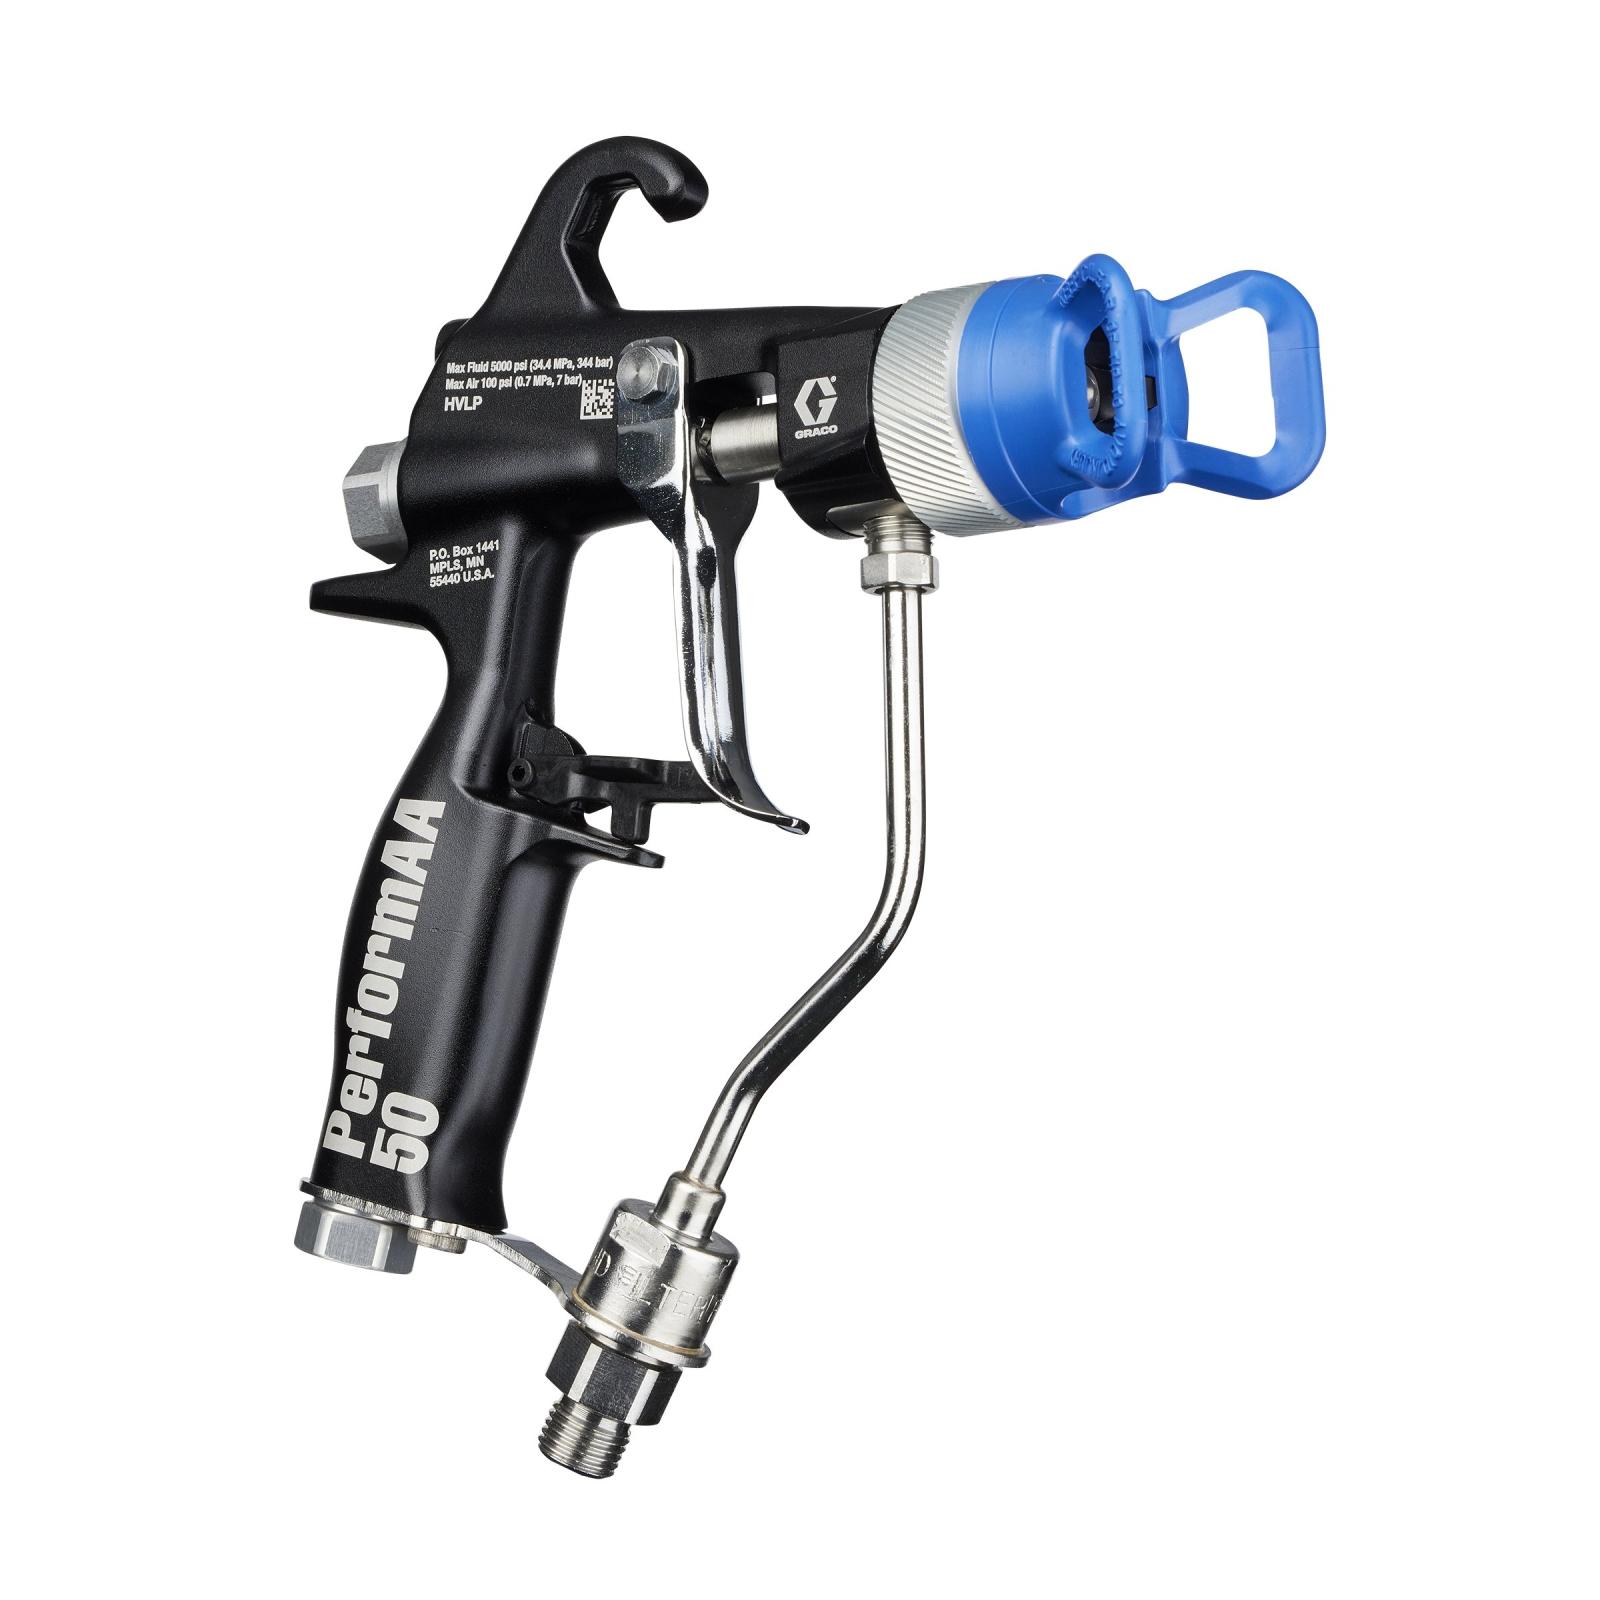 Nuevas pistolas de pulverización manuales y automáticas PerformAA de GRACO